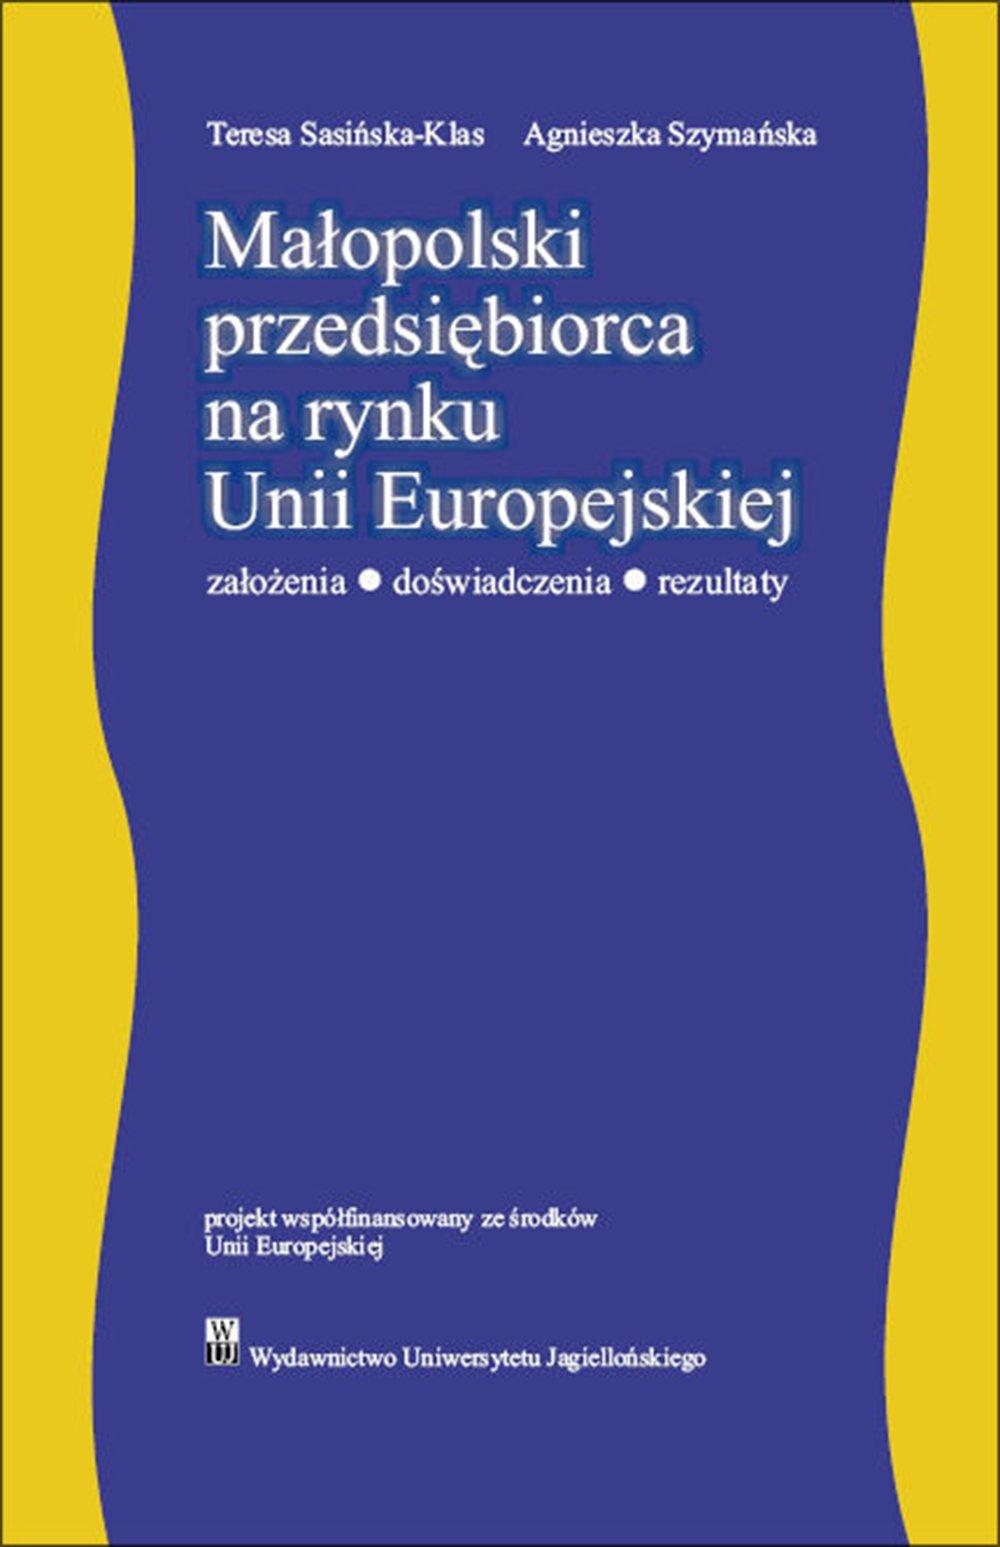 Małopolski przedsiębiorca na rynku Unii Europejskiej. Założenia – doświadczenia - rezultaty - Ebook (Książka PDF) do pobrania w formacie PDF